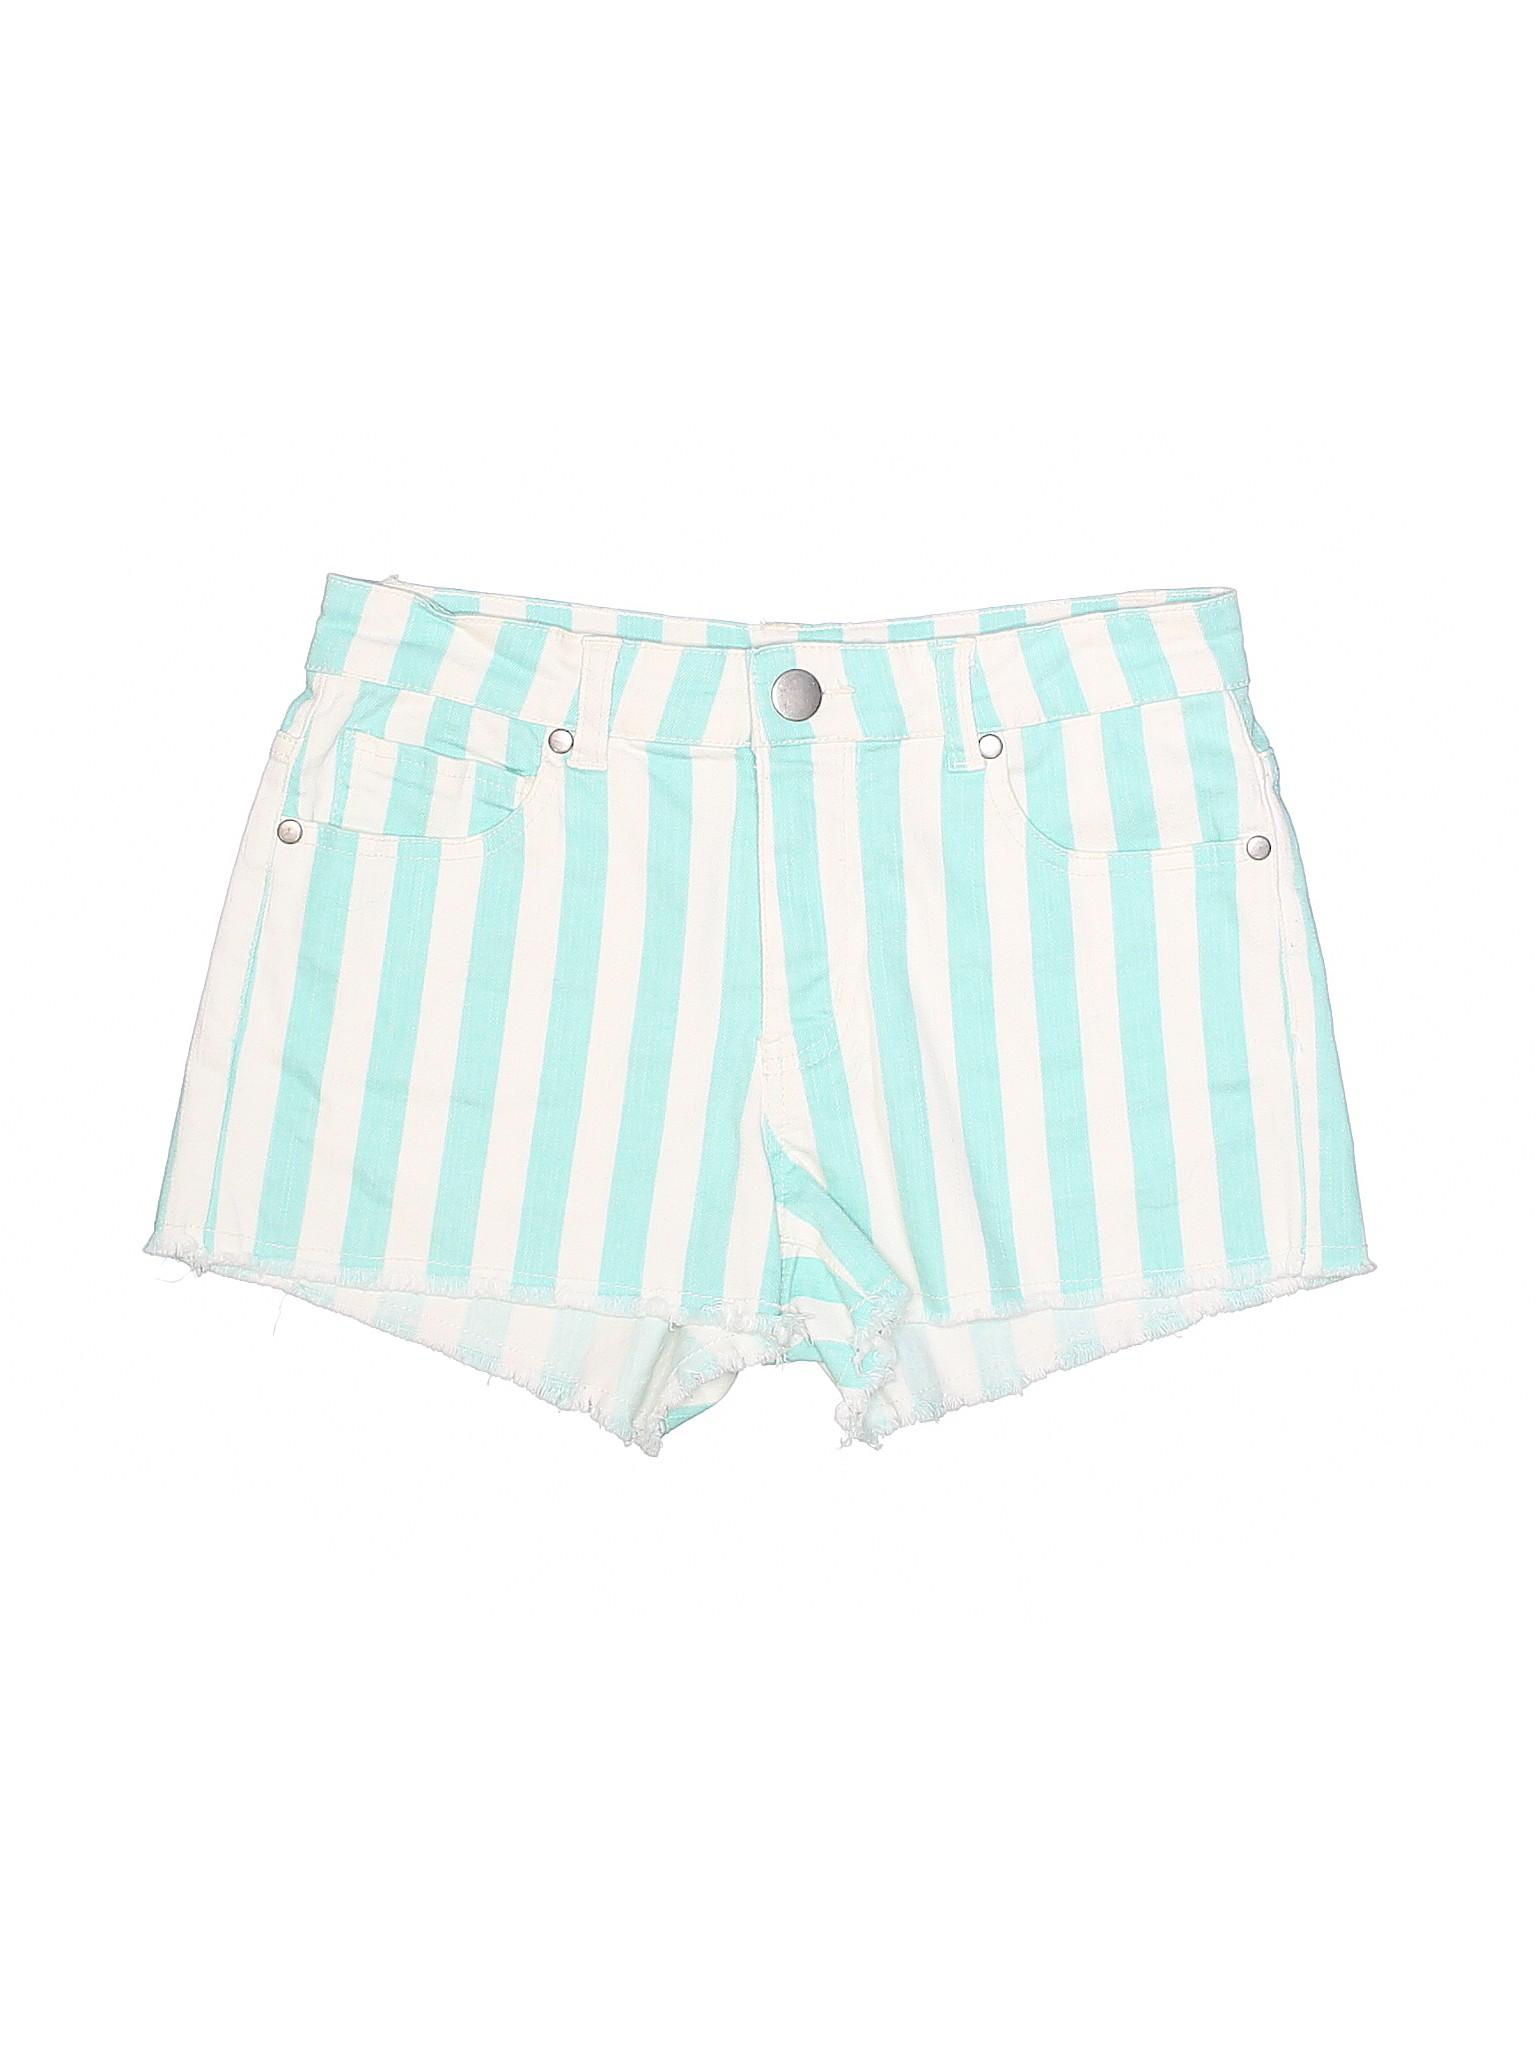 Boutique Forever 21 Boutique Shorts Denim Forever 7wzTaBqw